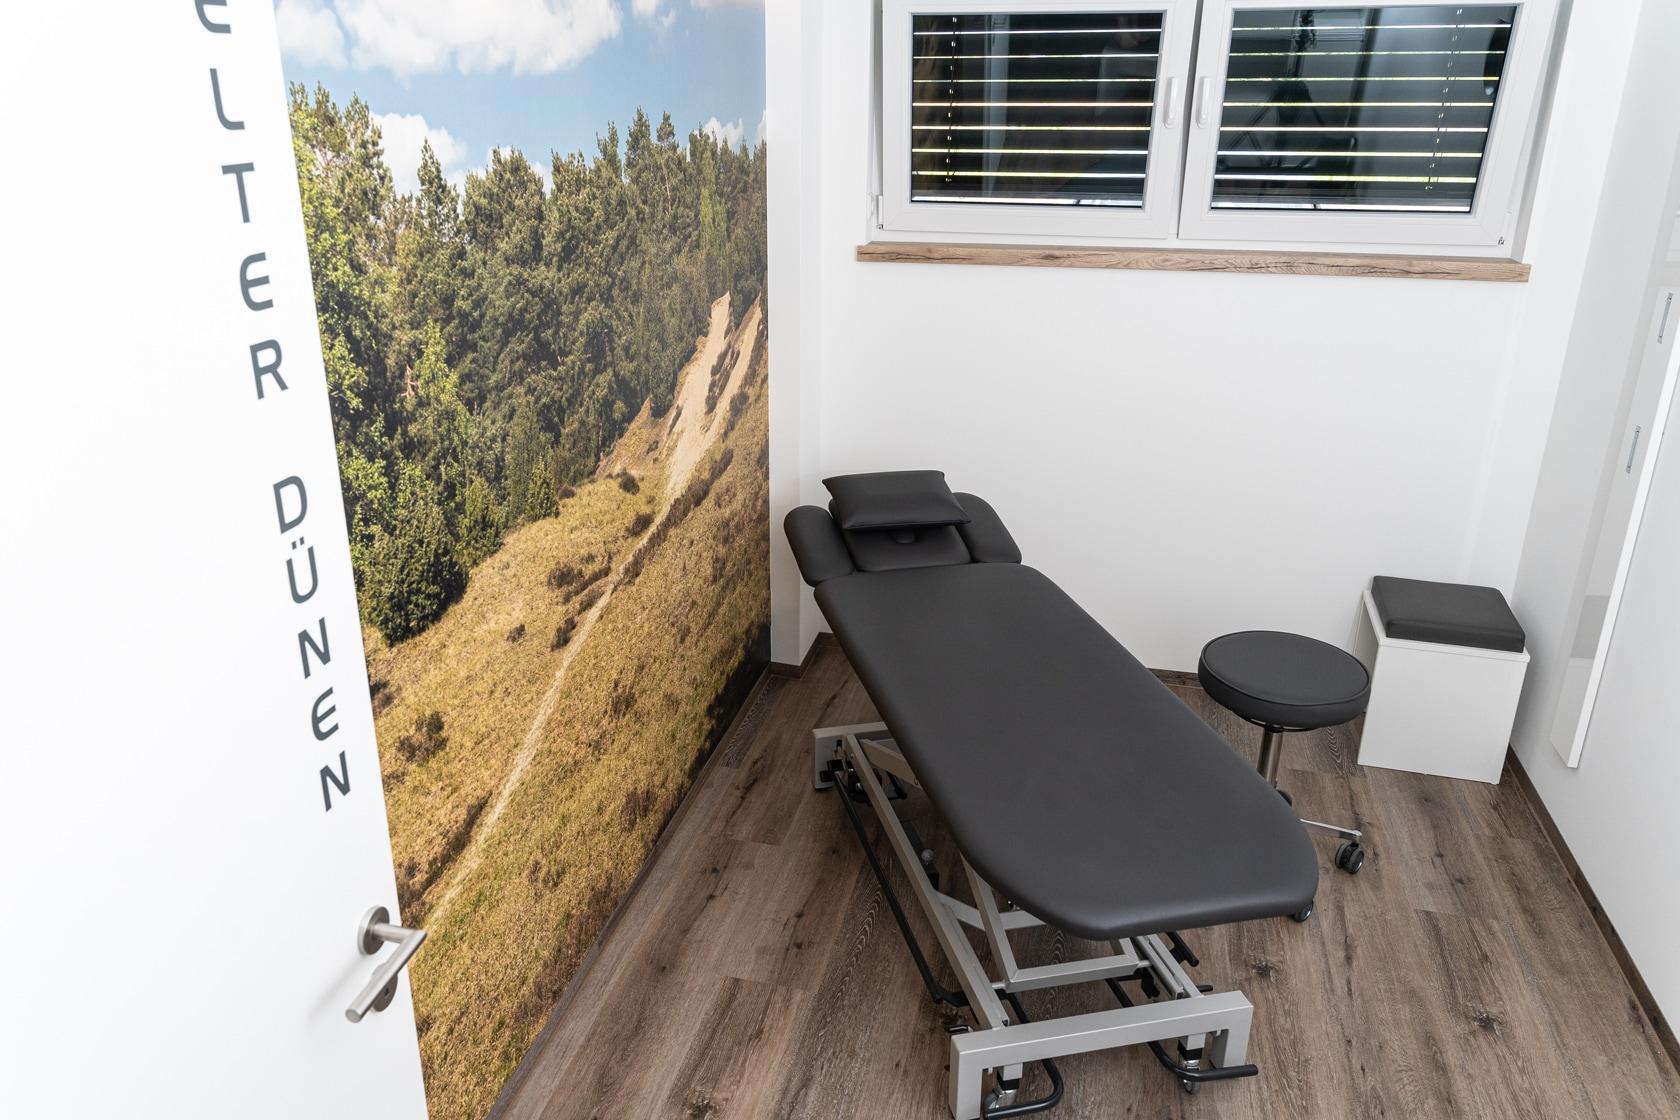 Behandlungsraum Elter Dünen in der Physiotherapiepraxis Schwert in Mesum (Rheine)